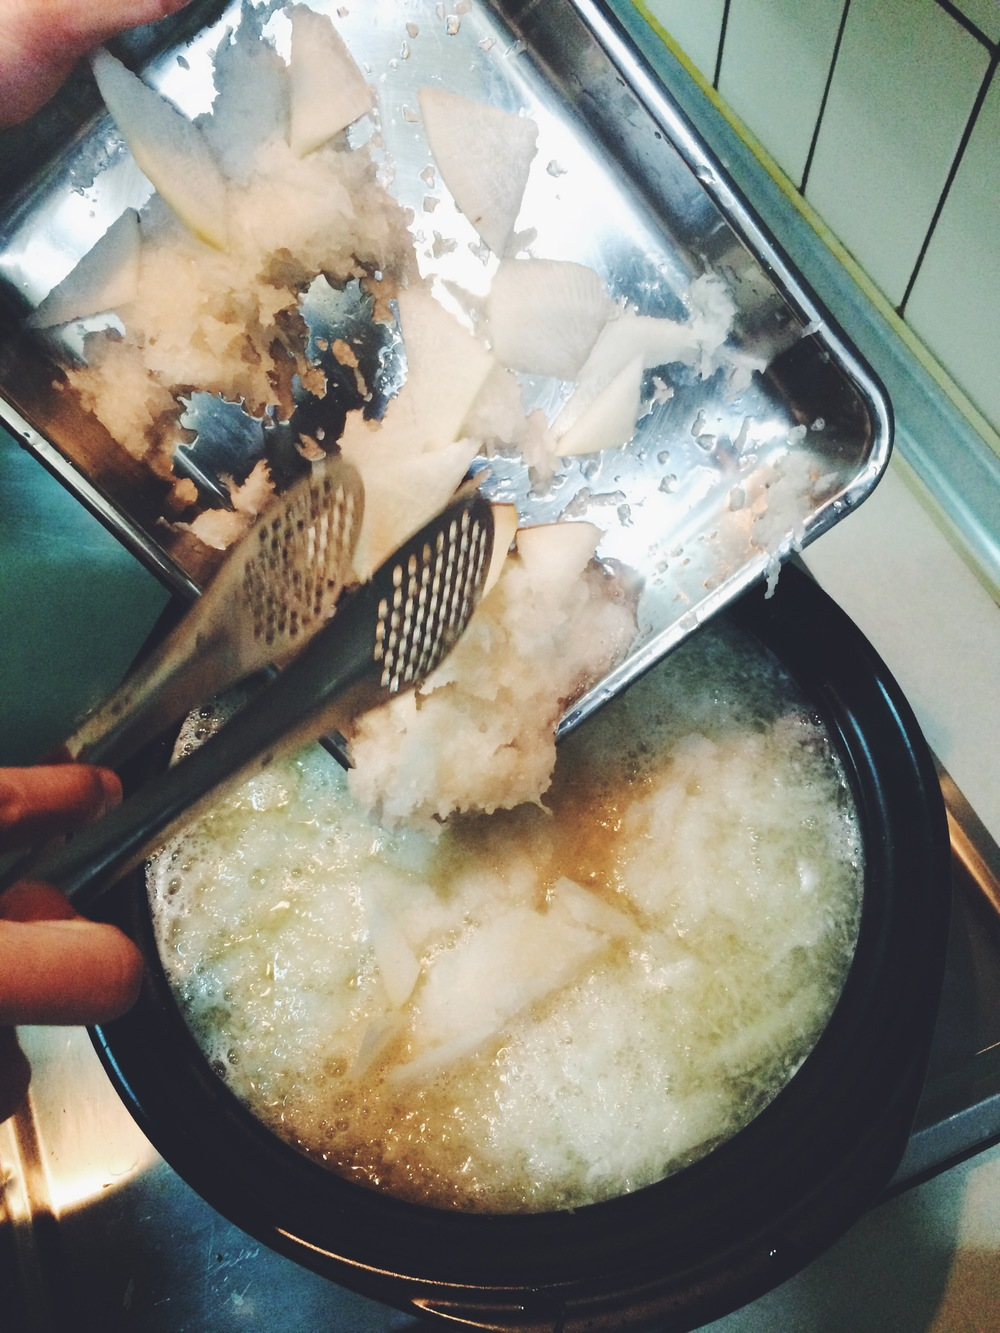 2、大量蘿蔔泥加進去,煮到蘿蔔泥變成半透明的顏色後就加入豆腐。